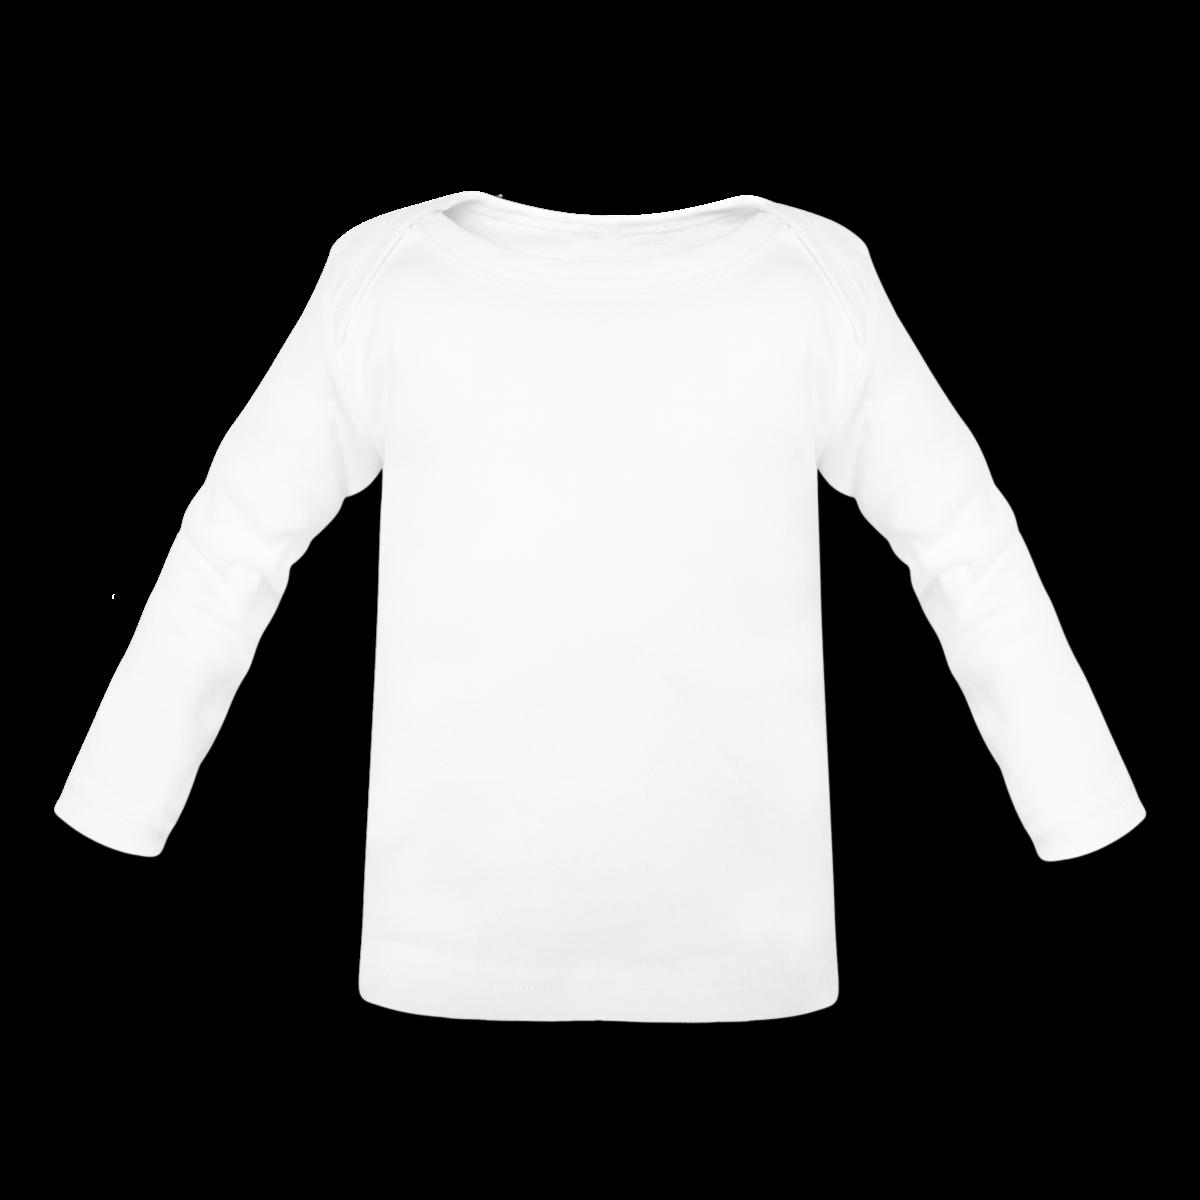 Long Sleeve Shirt Template Free Clip Art